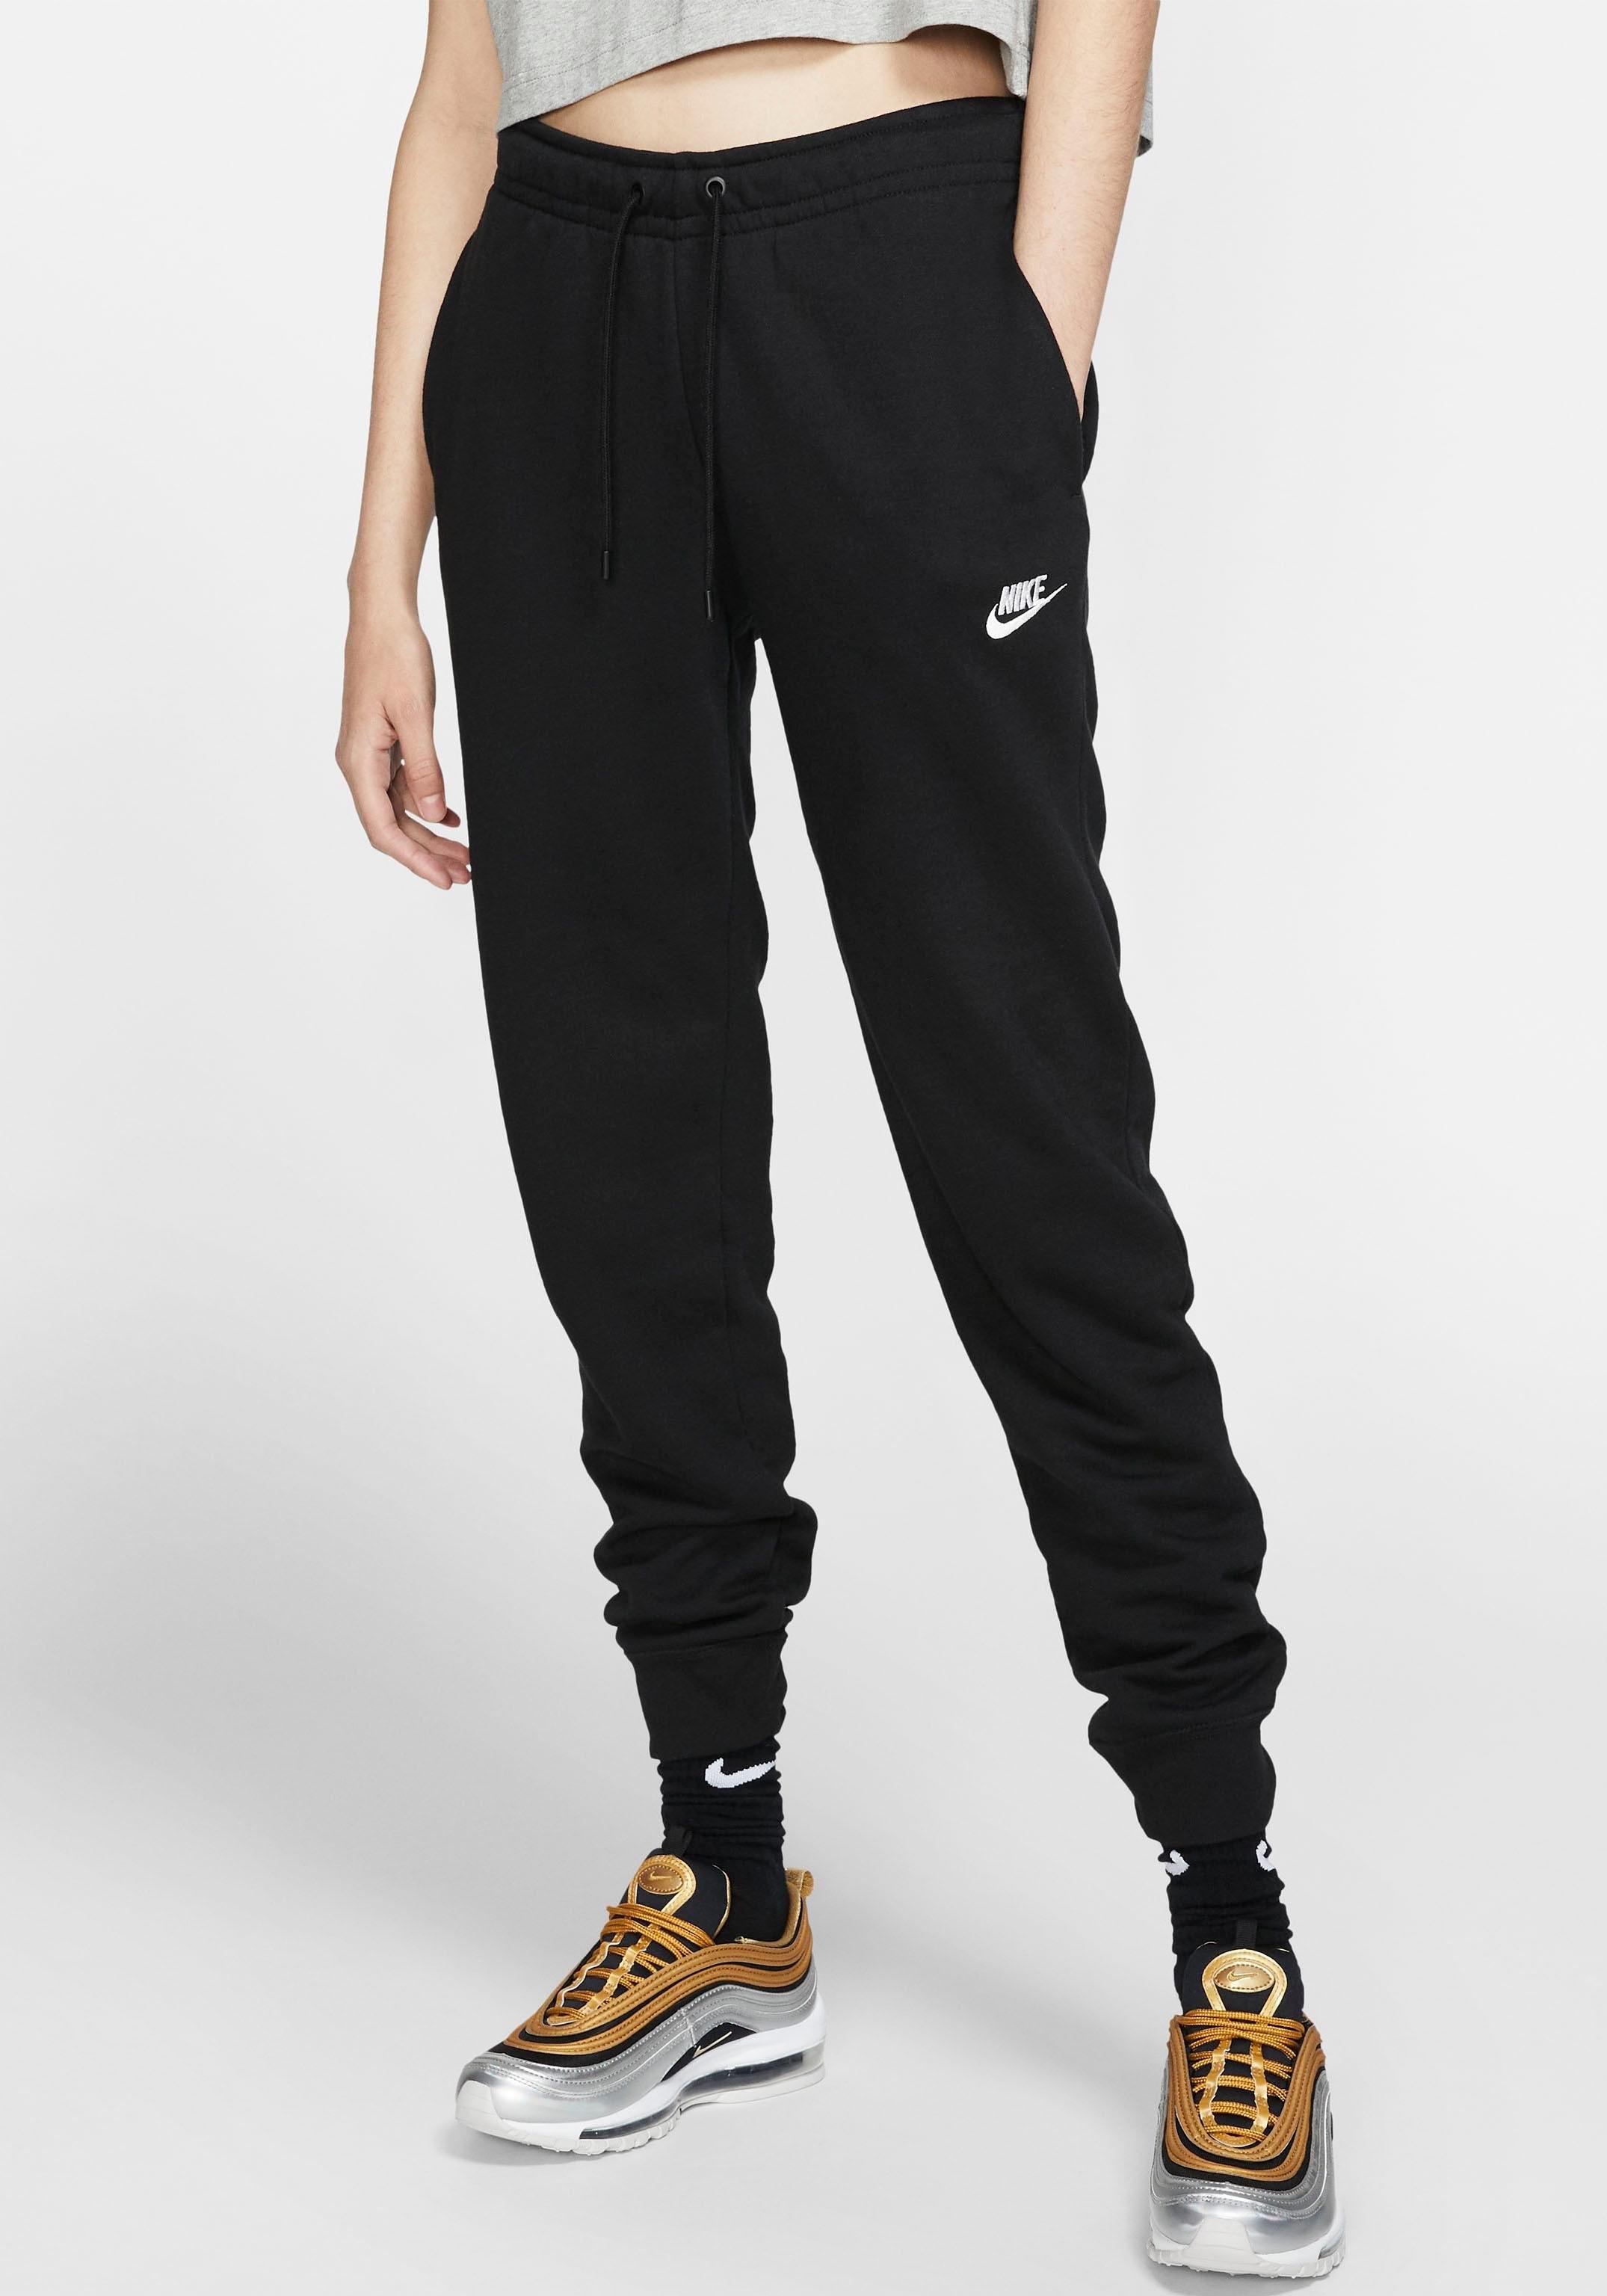 Nike Sportswear joggingbroek goedkoop op otto.nl kopen